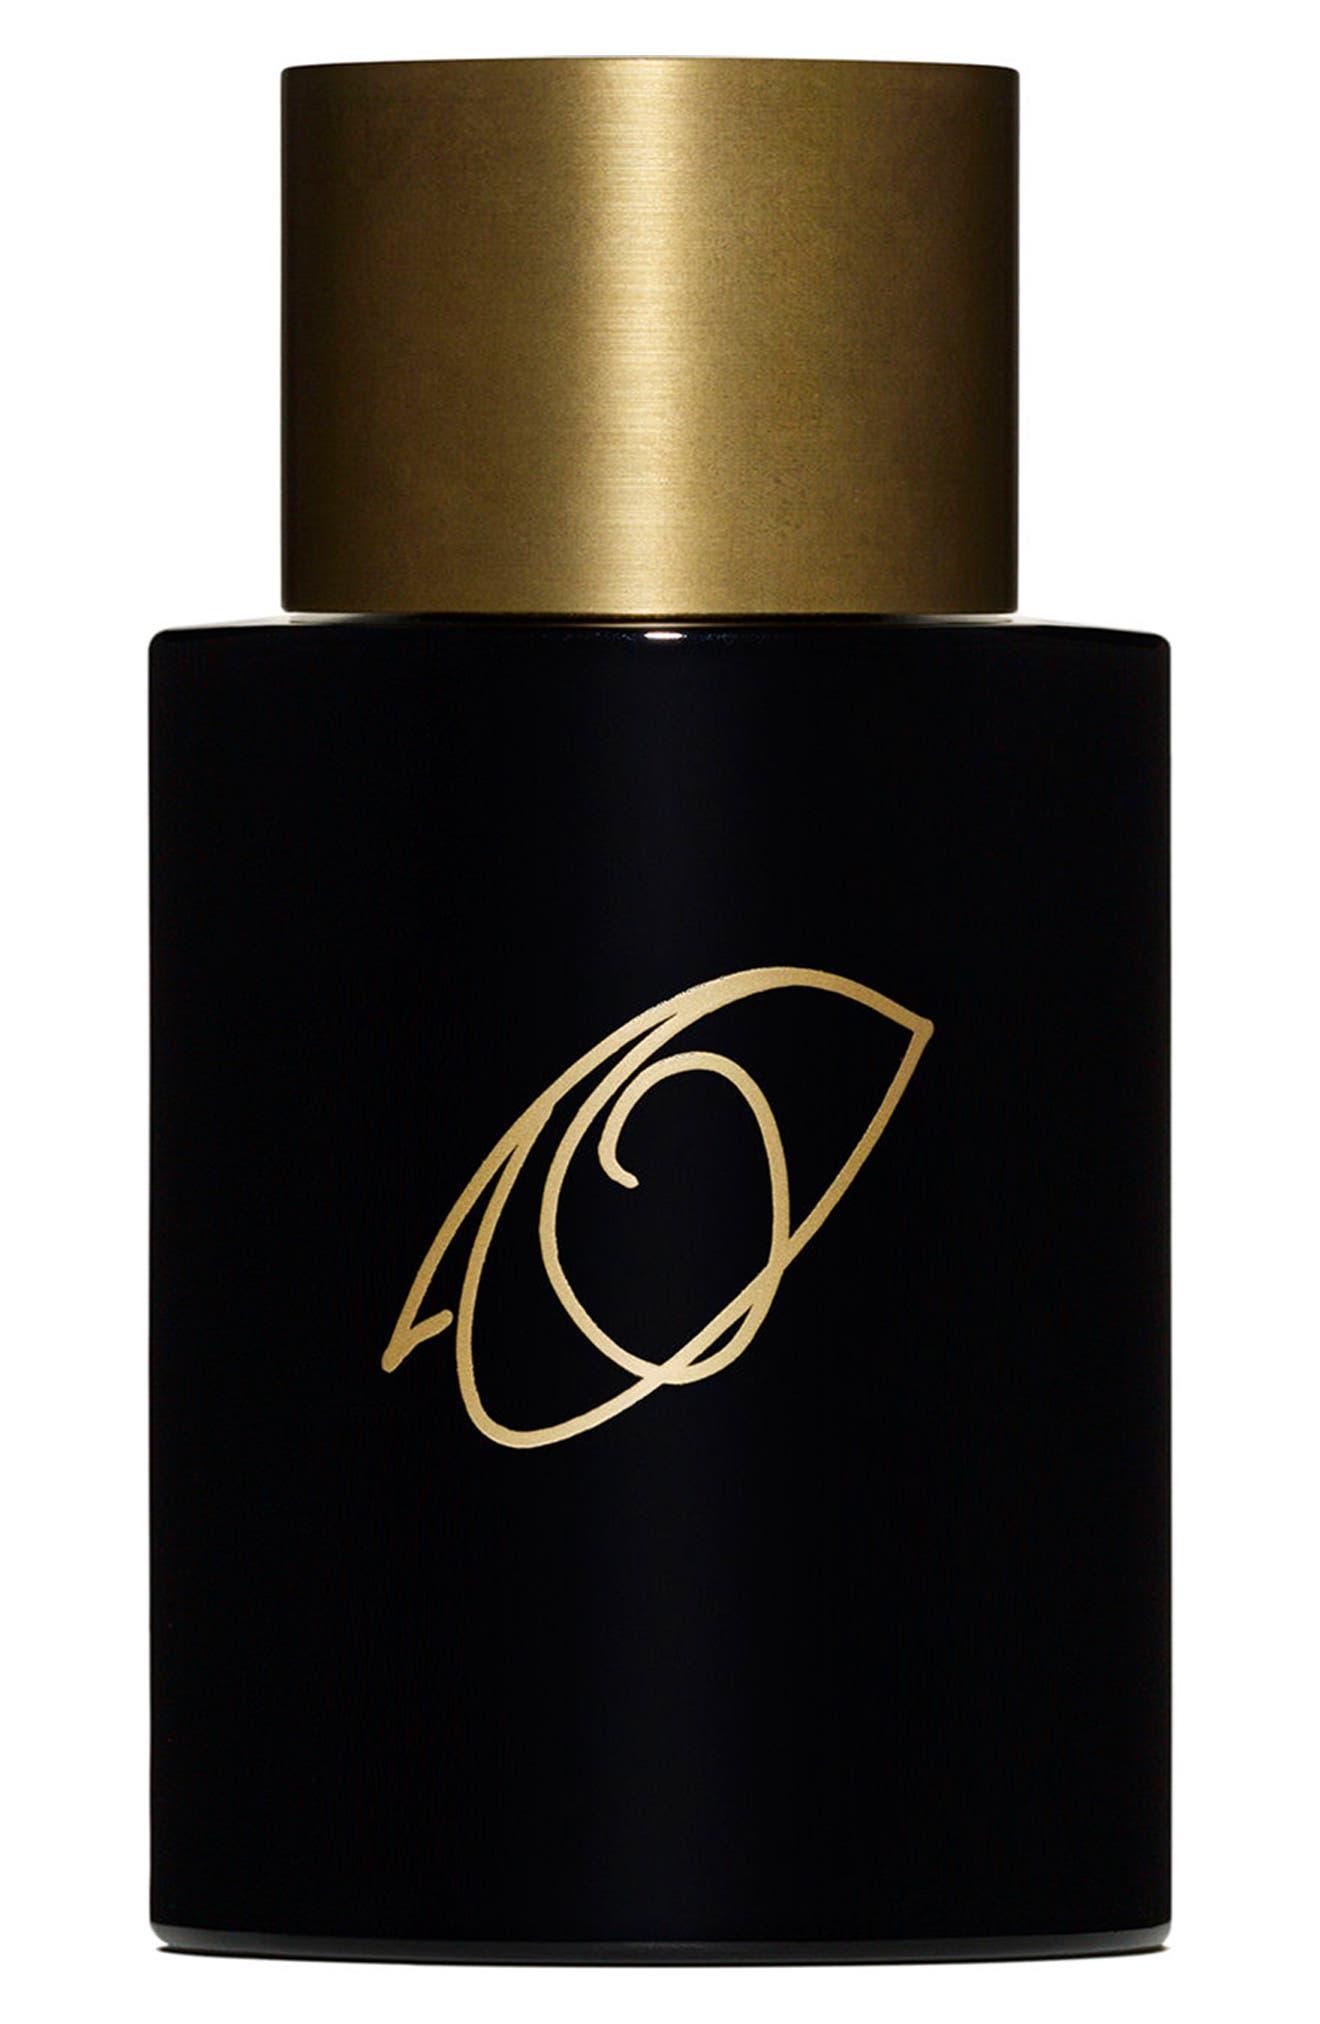 Editions de Parfums Frédéric Malle Alber Elbaz Superstitious Large Eau de Parfum